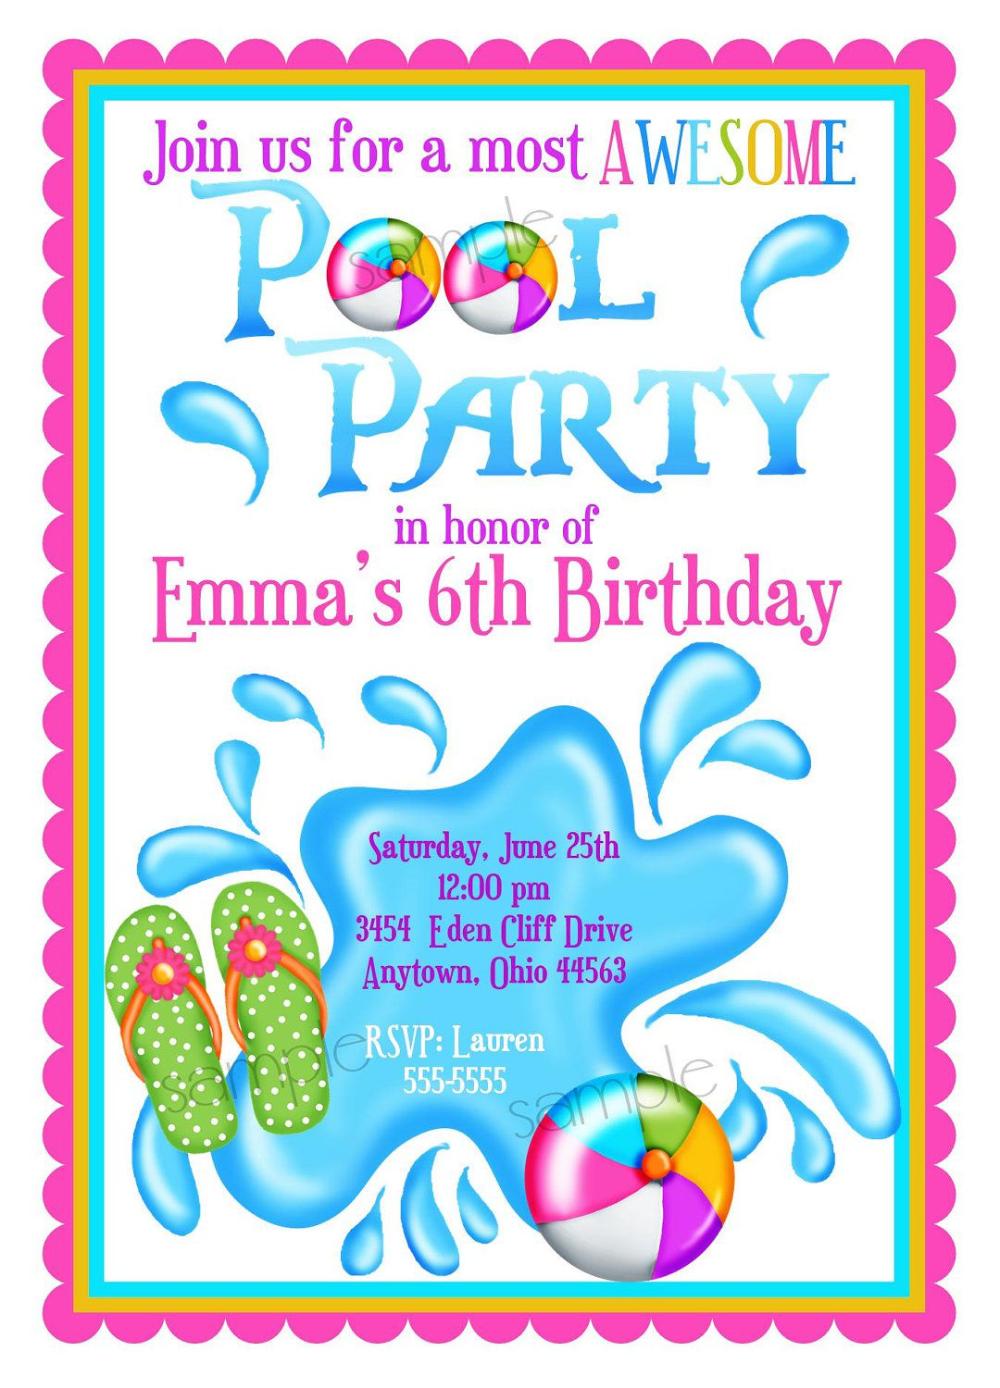 Einladung Kindergeburtstag Schwimmbad Vorlagen Geburtstag Einladung Kostenlos In 2020 Pool Party Invitations Pool Party Birthday Invitations Party Invite Template